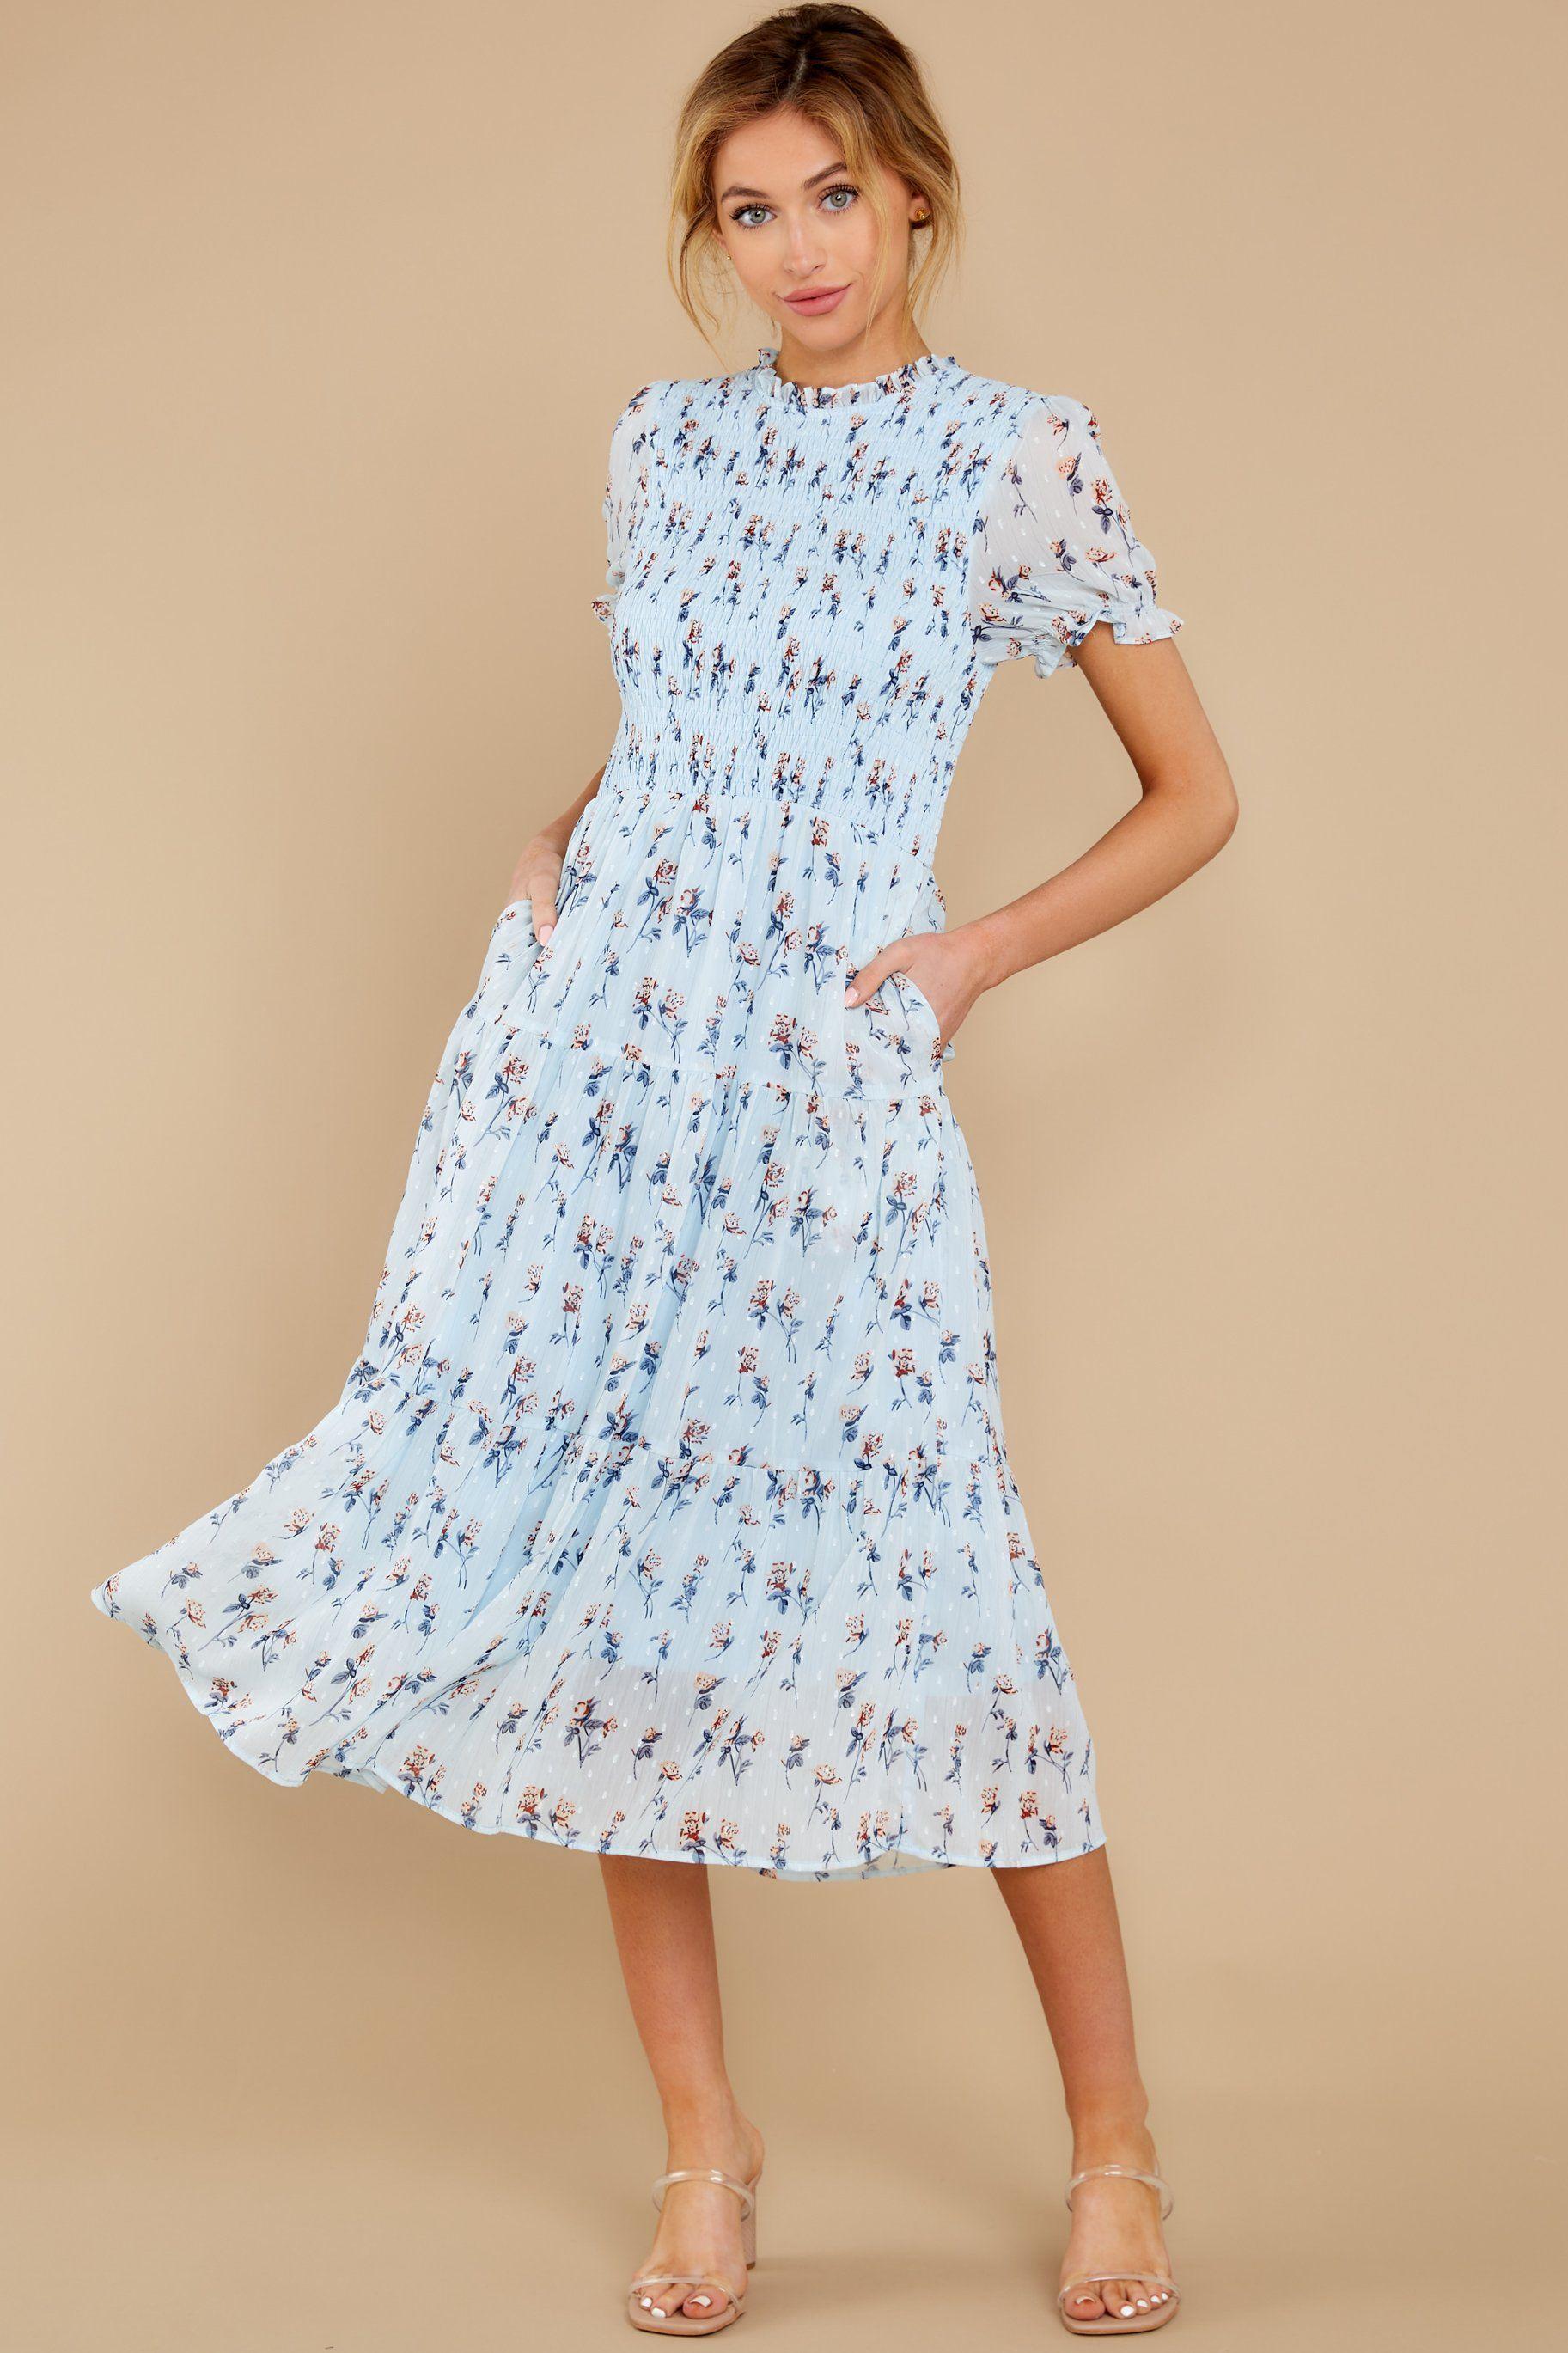 23++ Light blue floral dress info